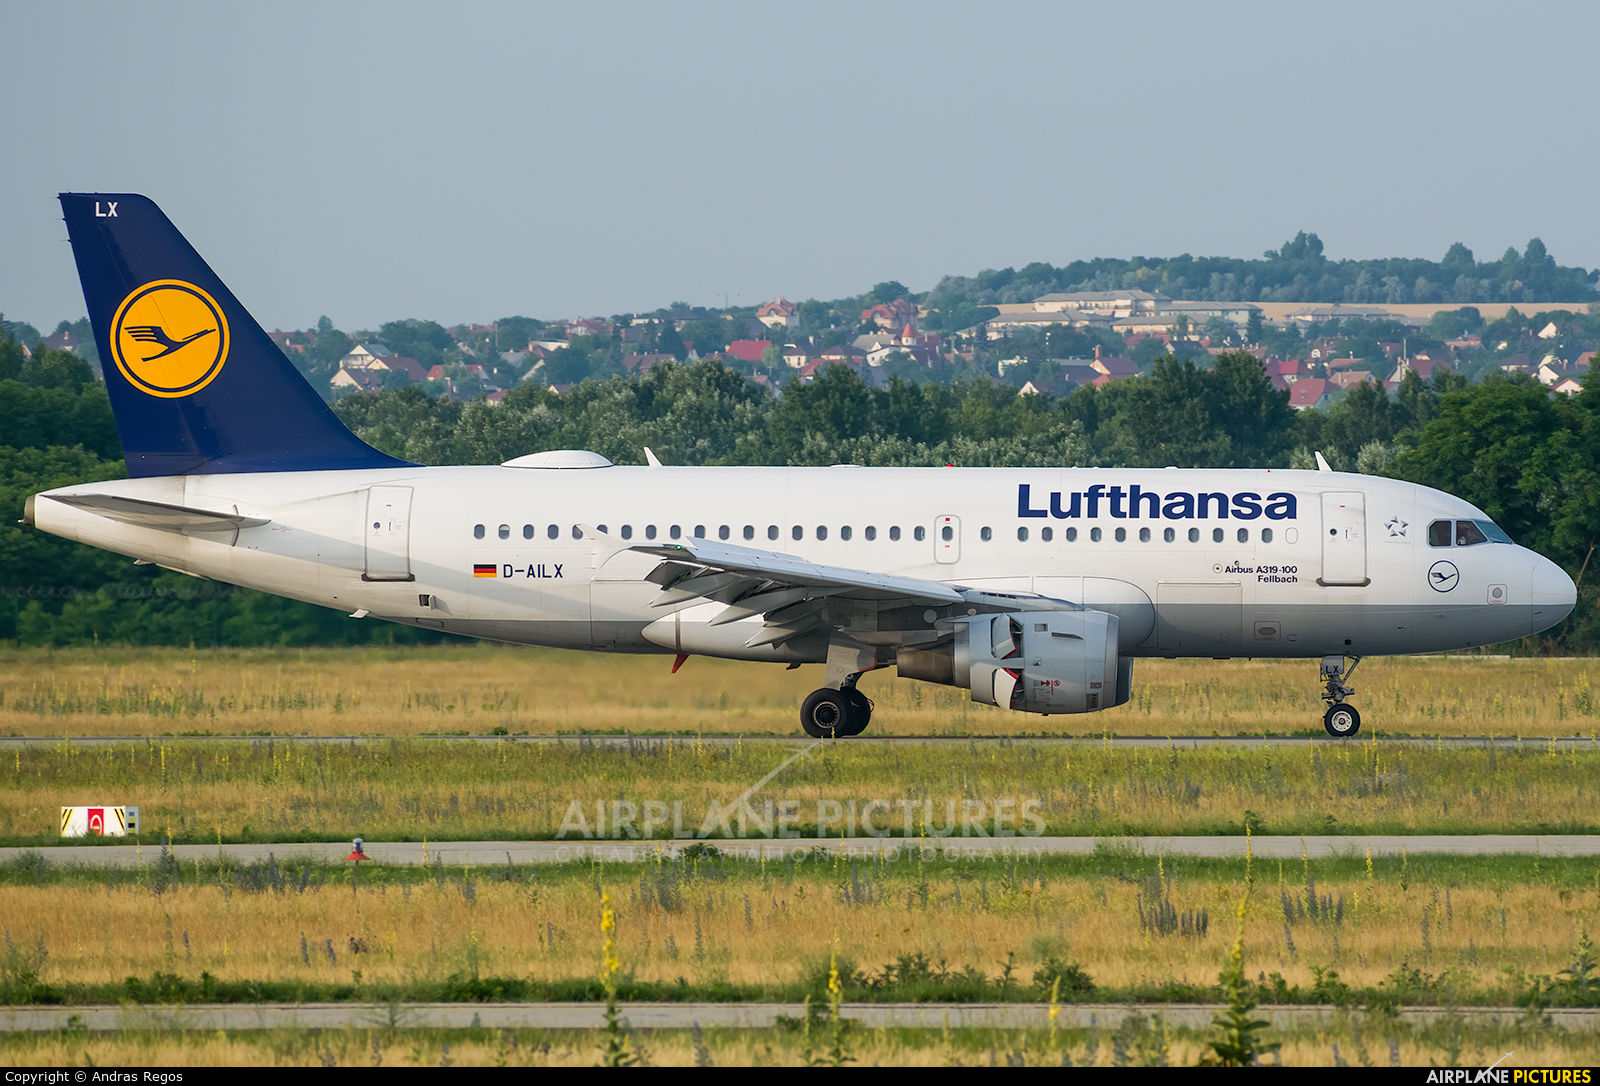 Lufthansa D-AILX aircraft at Budapest Ferenc Liszt International Airport